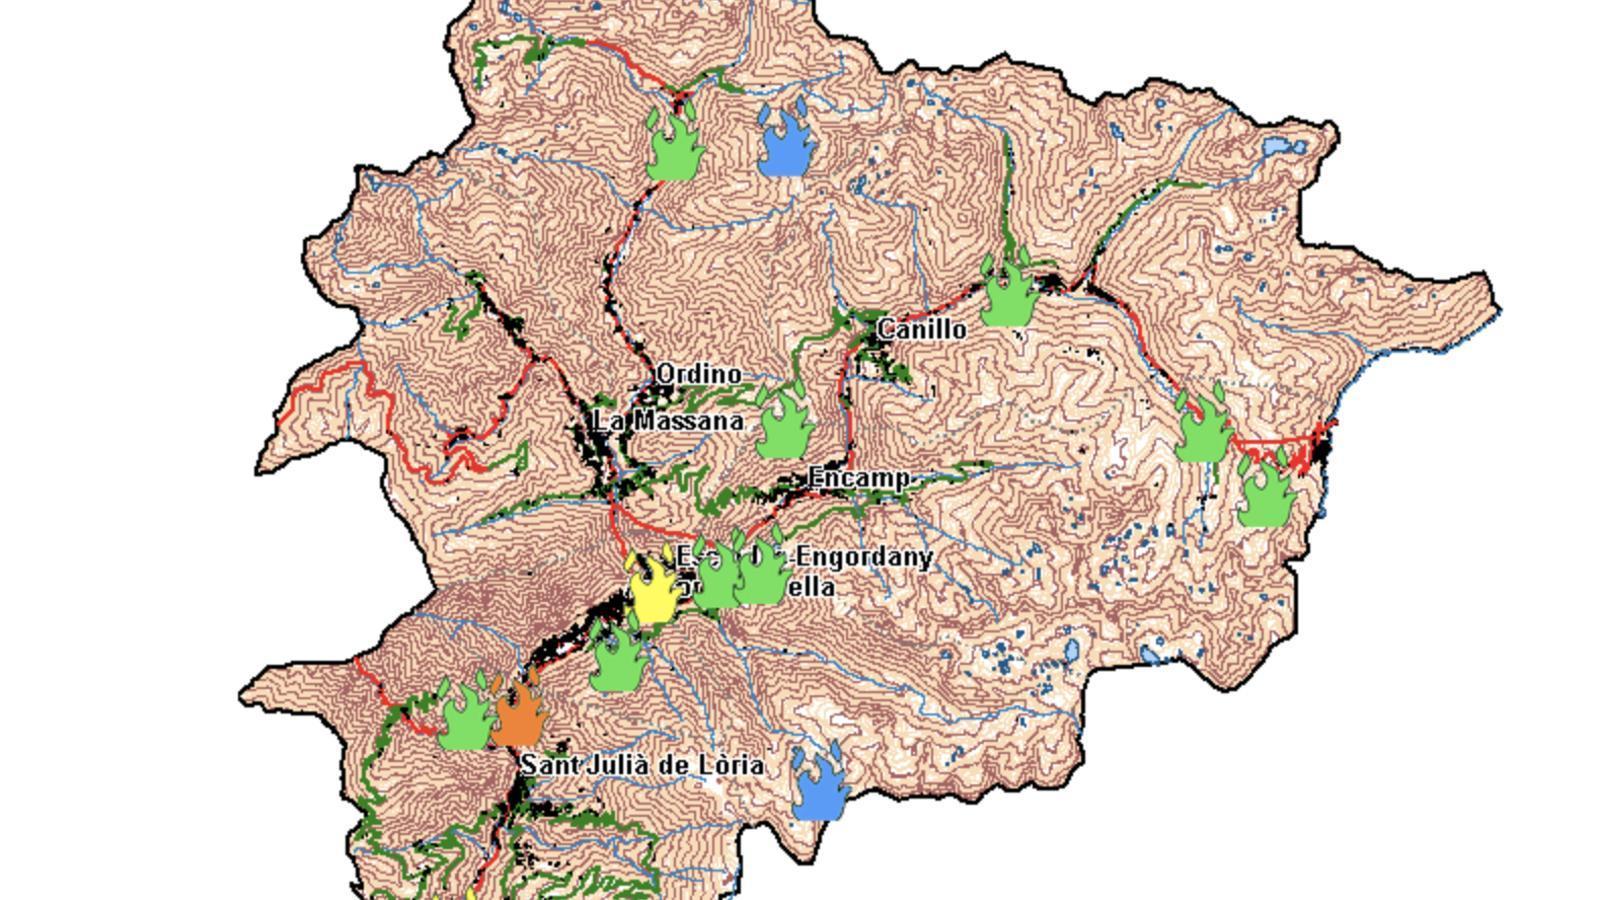 El mapa d'alerta de possibles incendis que ha difós Protecció Civil. / Protecció Civil